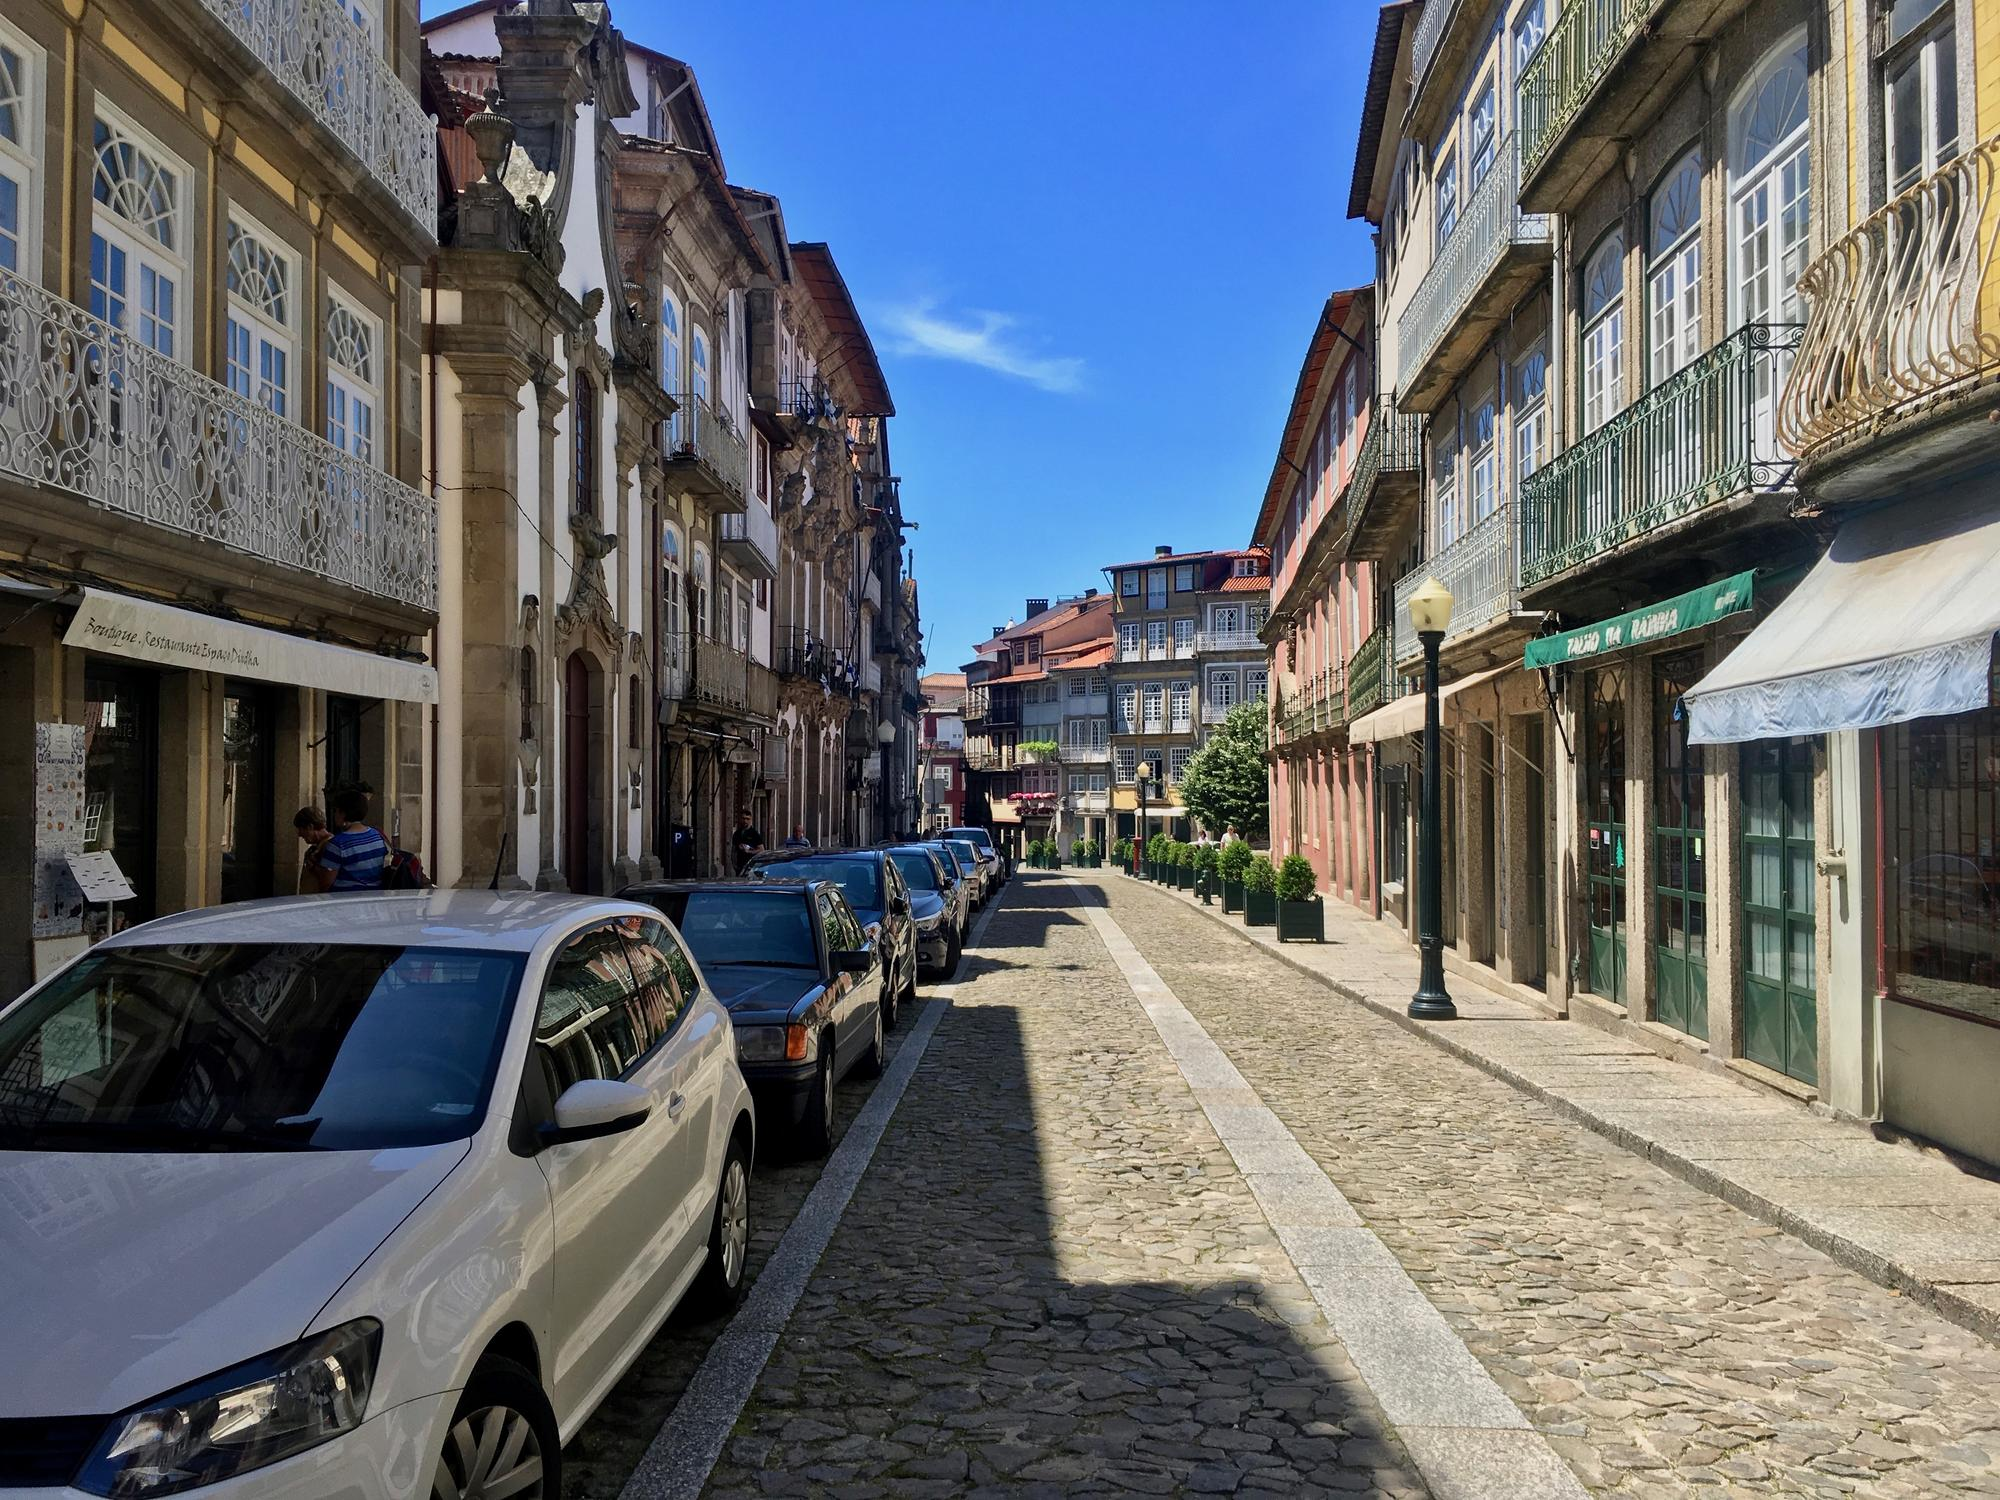 🇵🇹 Guimaraes, Portugal, may 2019.